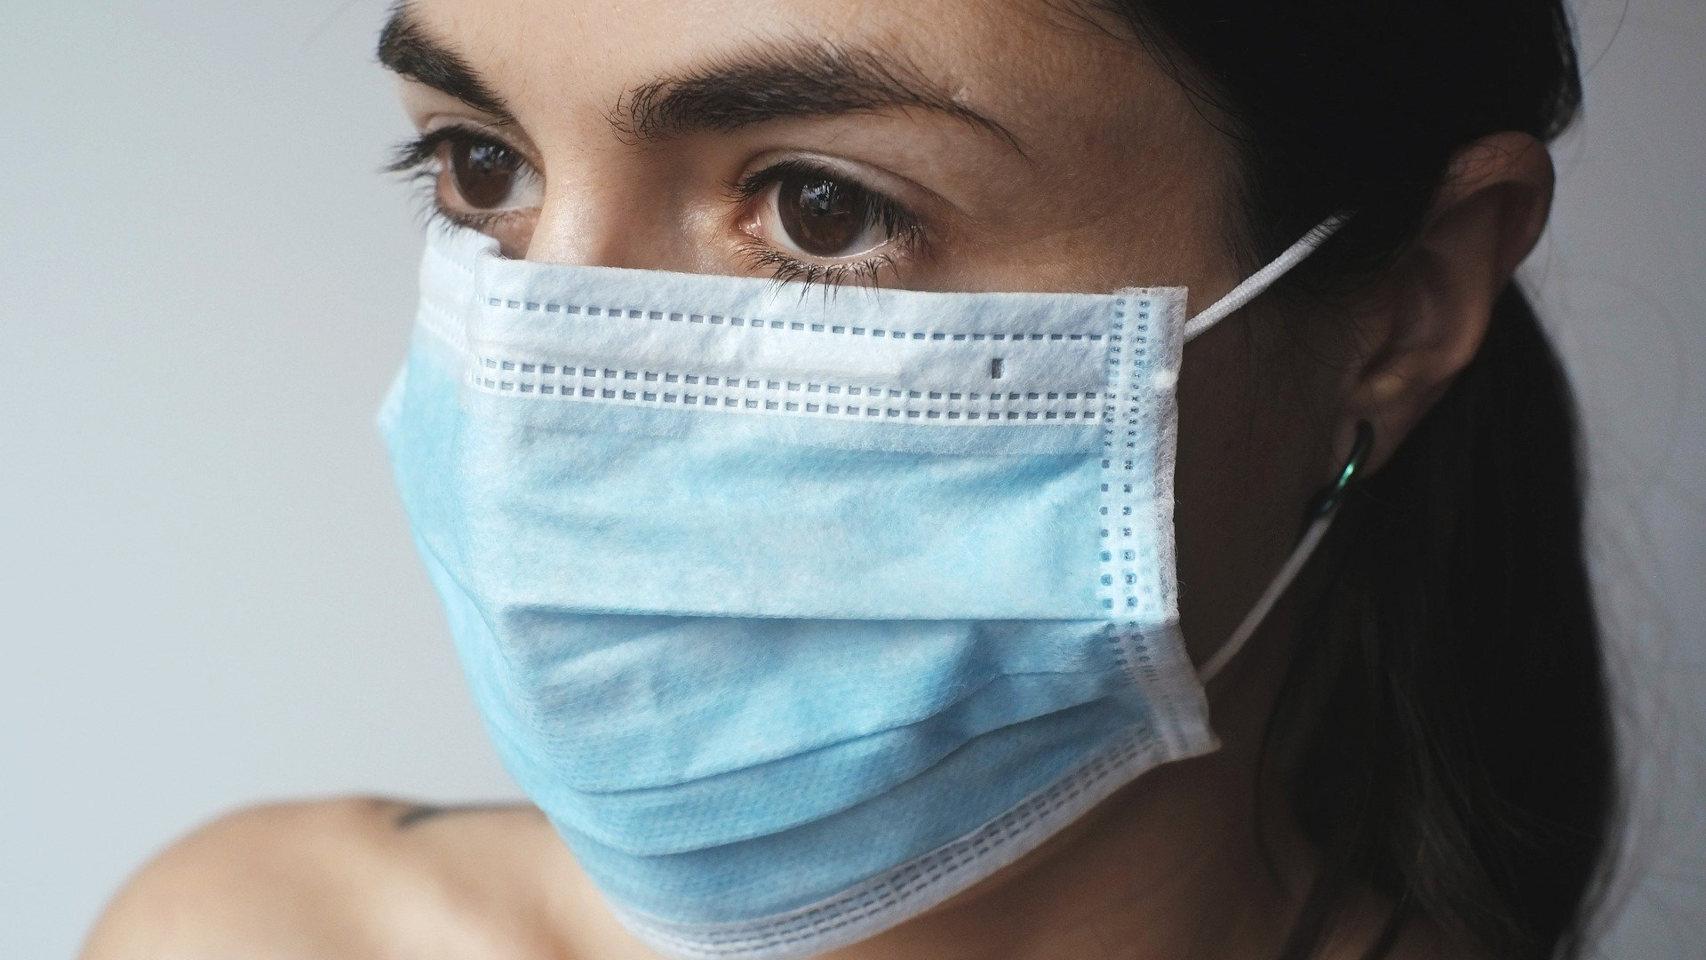 OMS está preocupada por amplio uso de mascarillas médicas porque son escasas